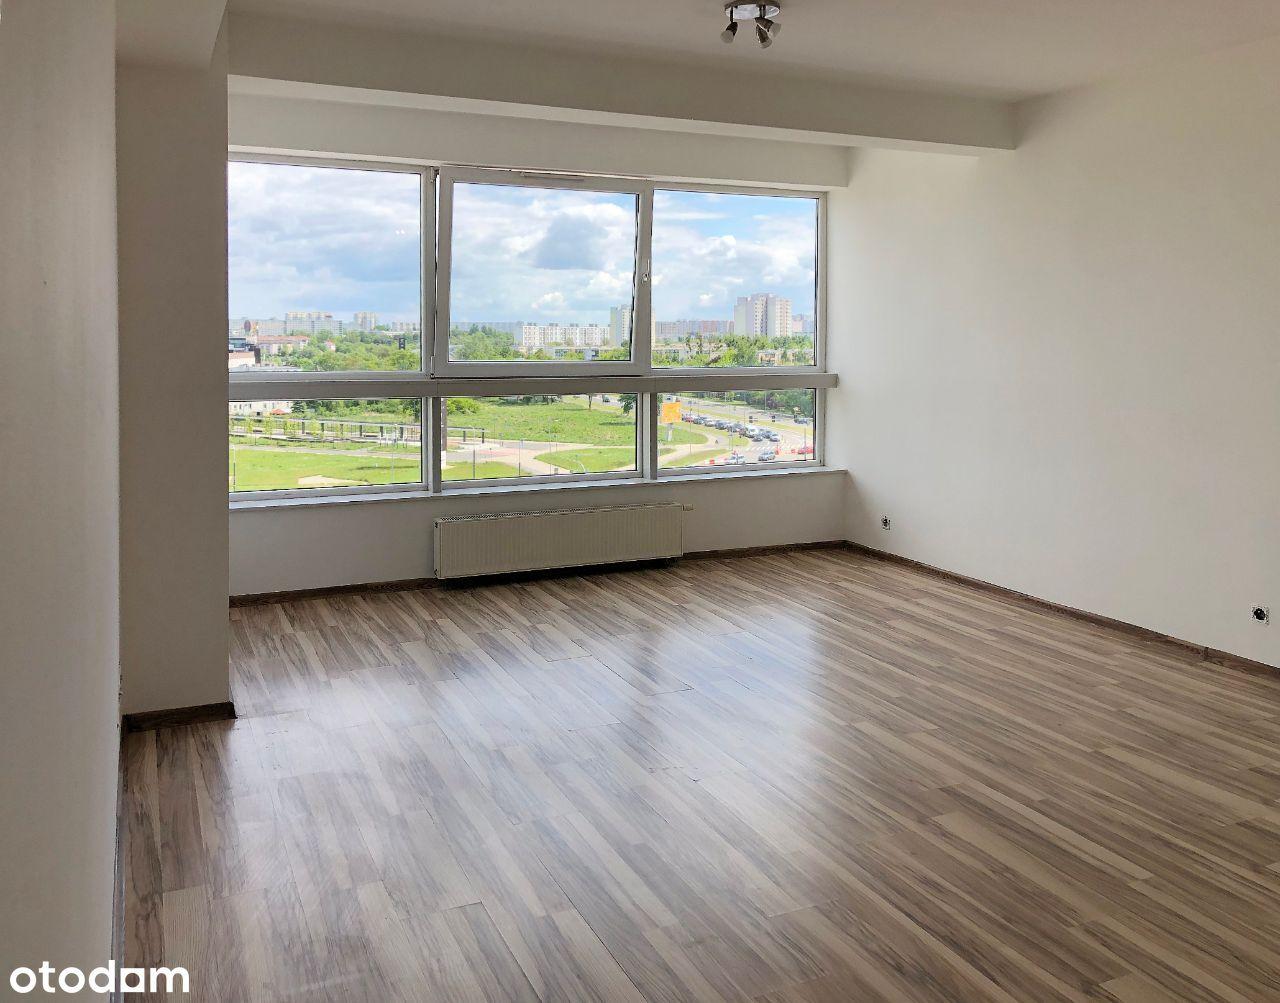 Mieszkanie- Panoramiczny widok - Dobra lokalizacja